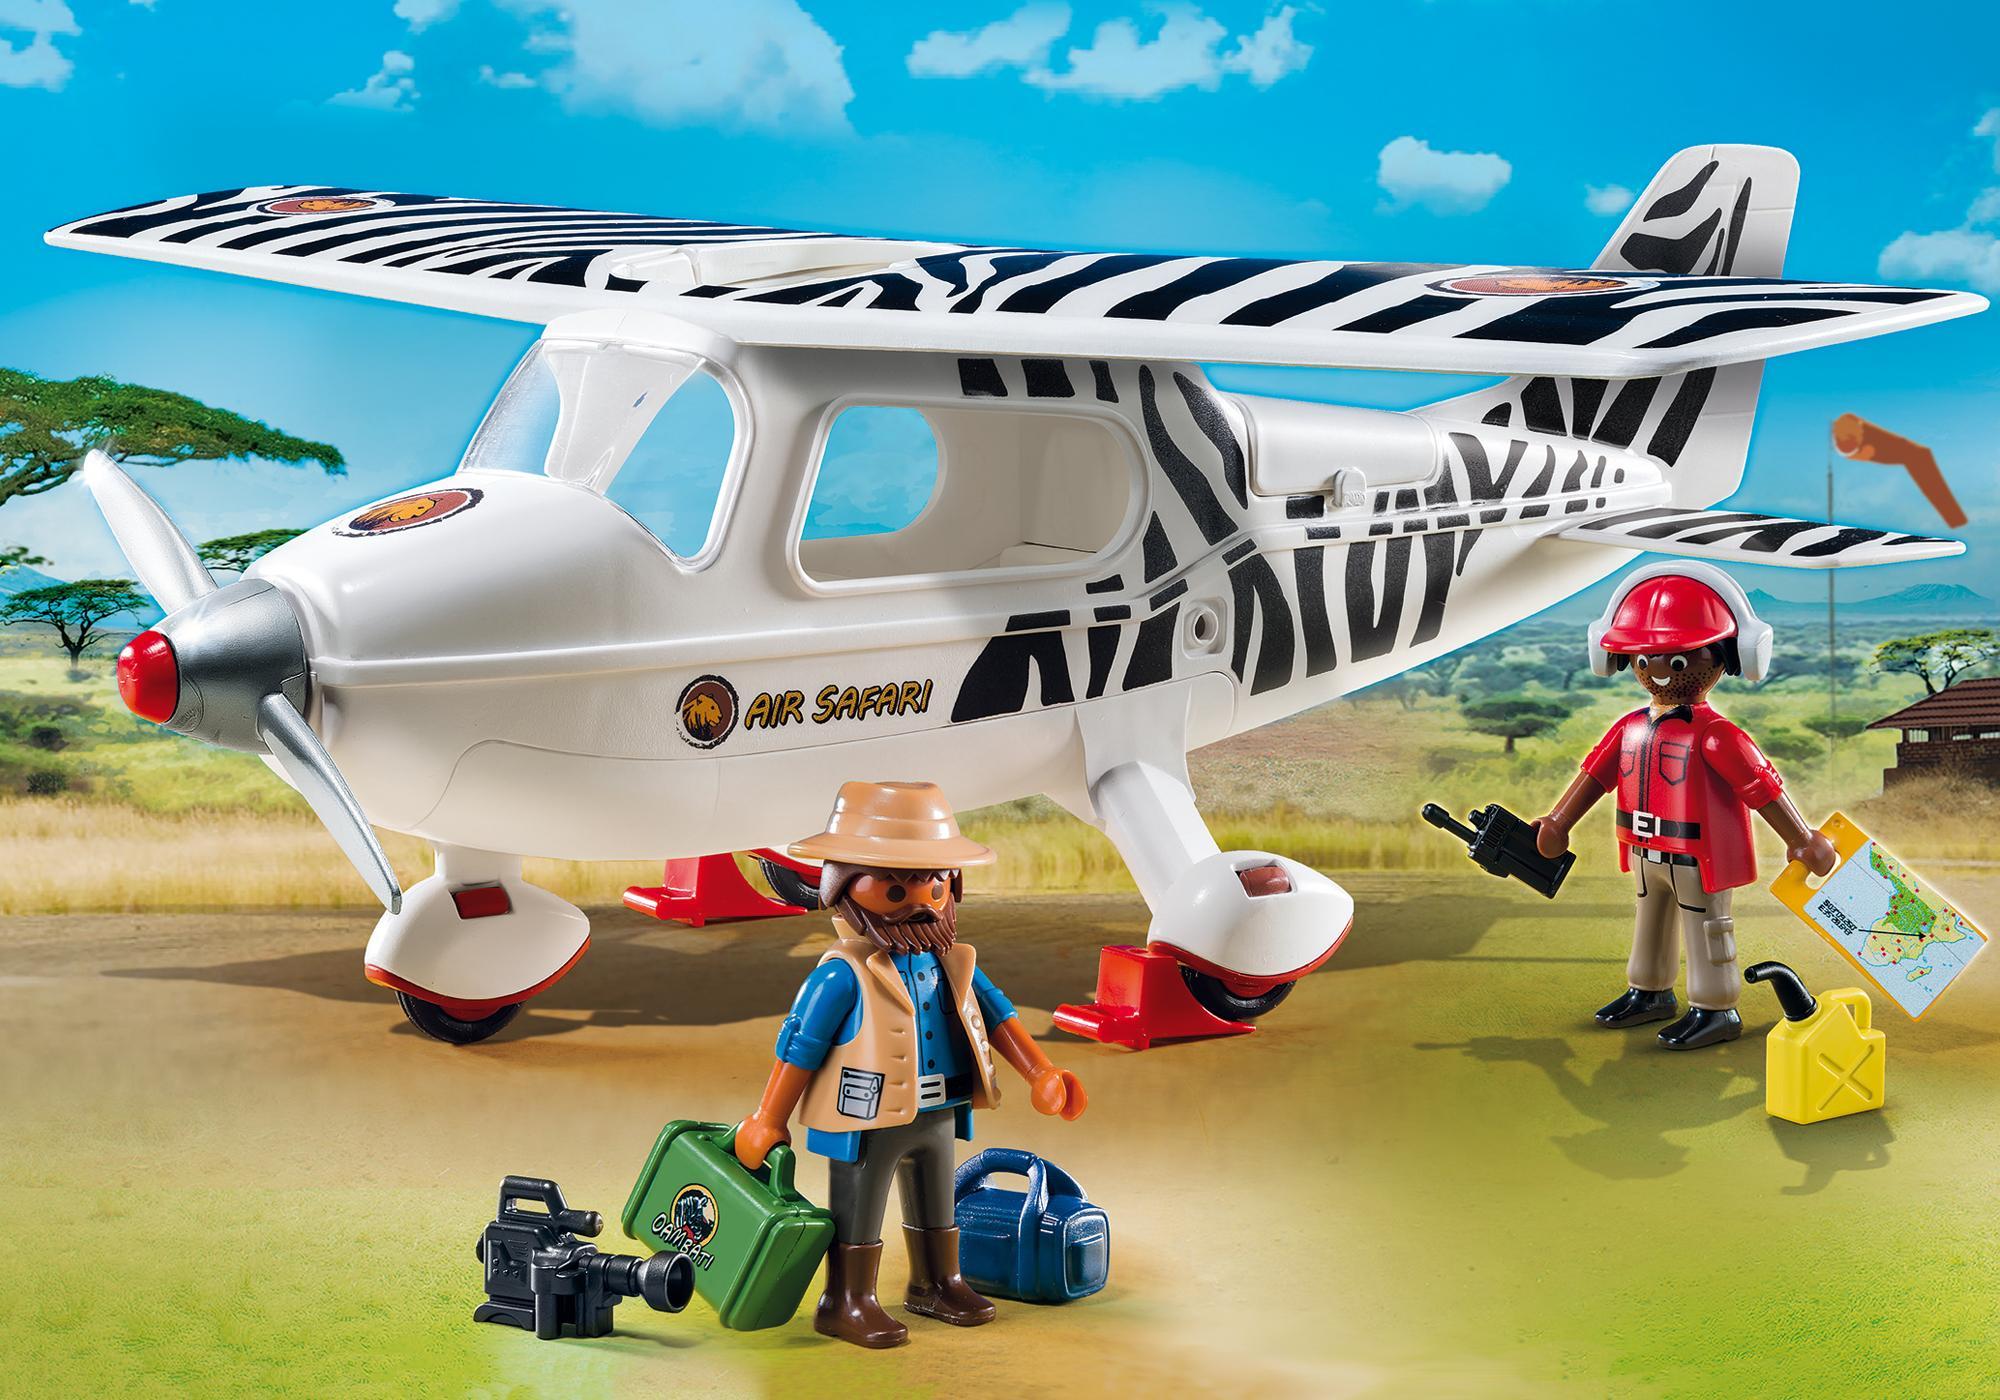 http://media.playmobil.com/i/playmobil/6938_product_detail/Safari Plane